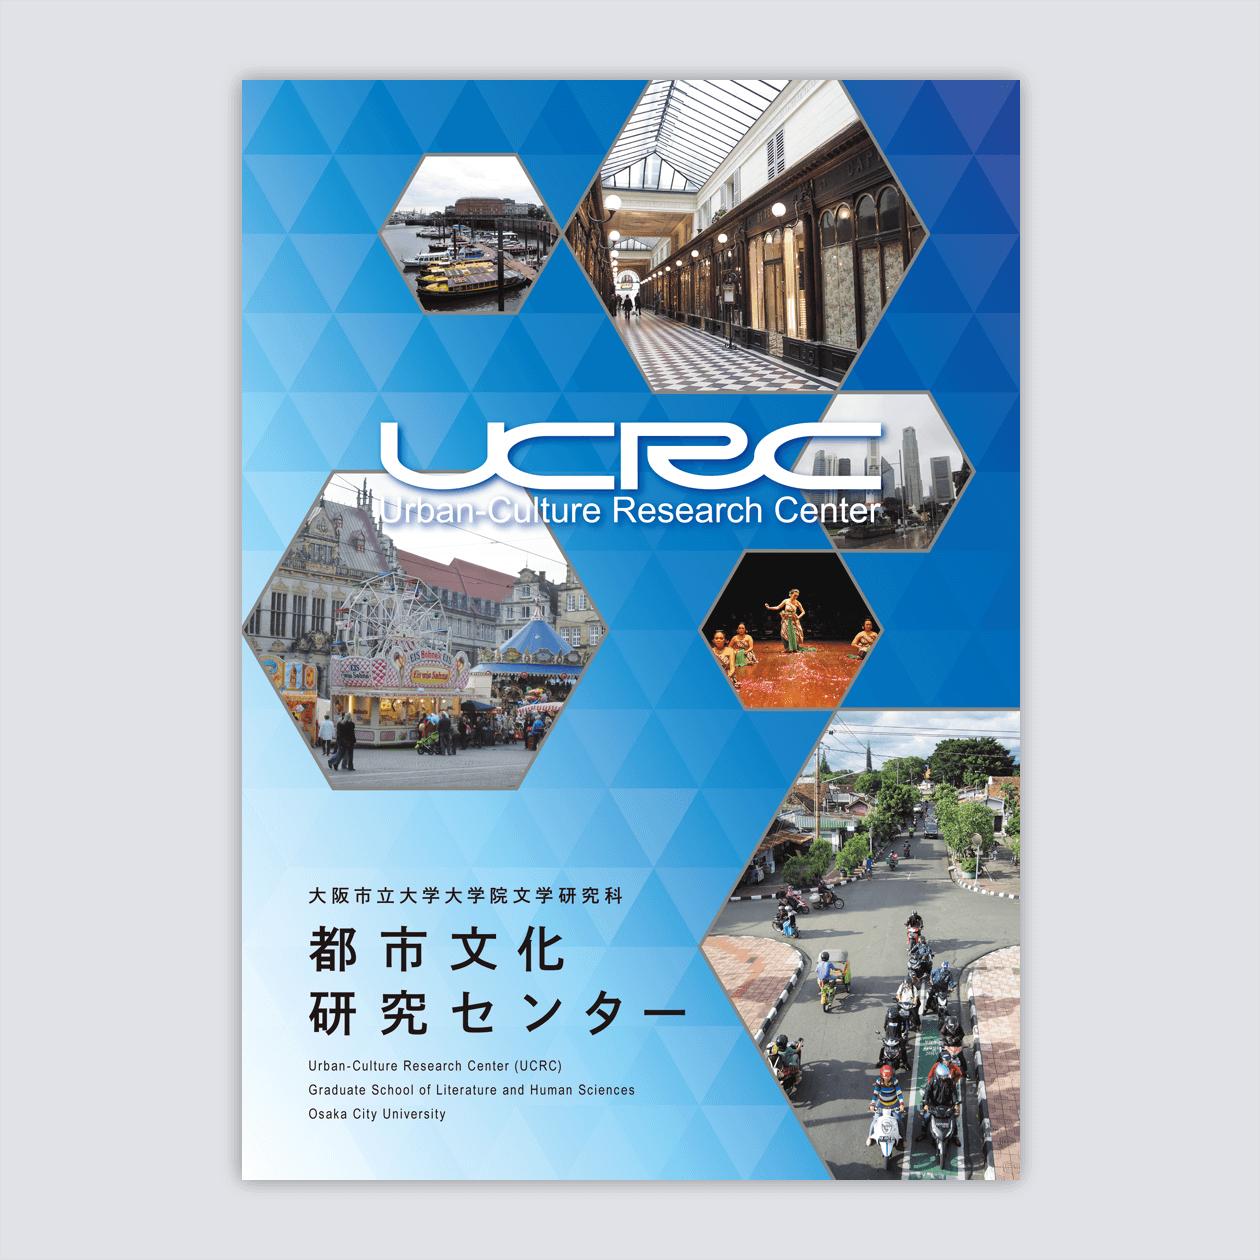 「都市文化研究センター」パンフレット